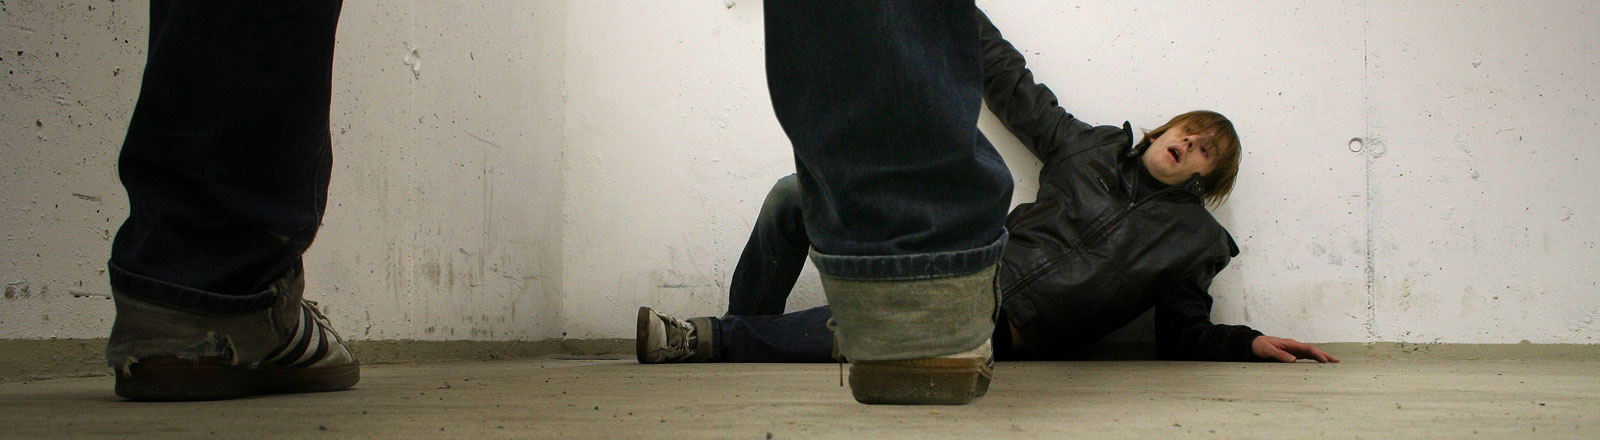 Mann kauert am Boden, im Vordergrund Beine eines anderen Mannes